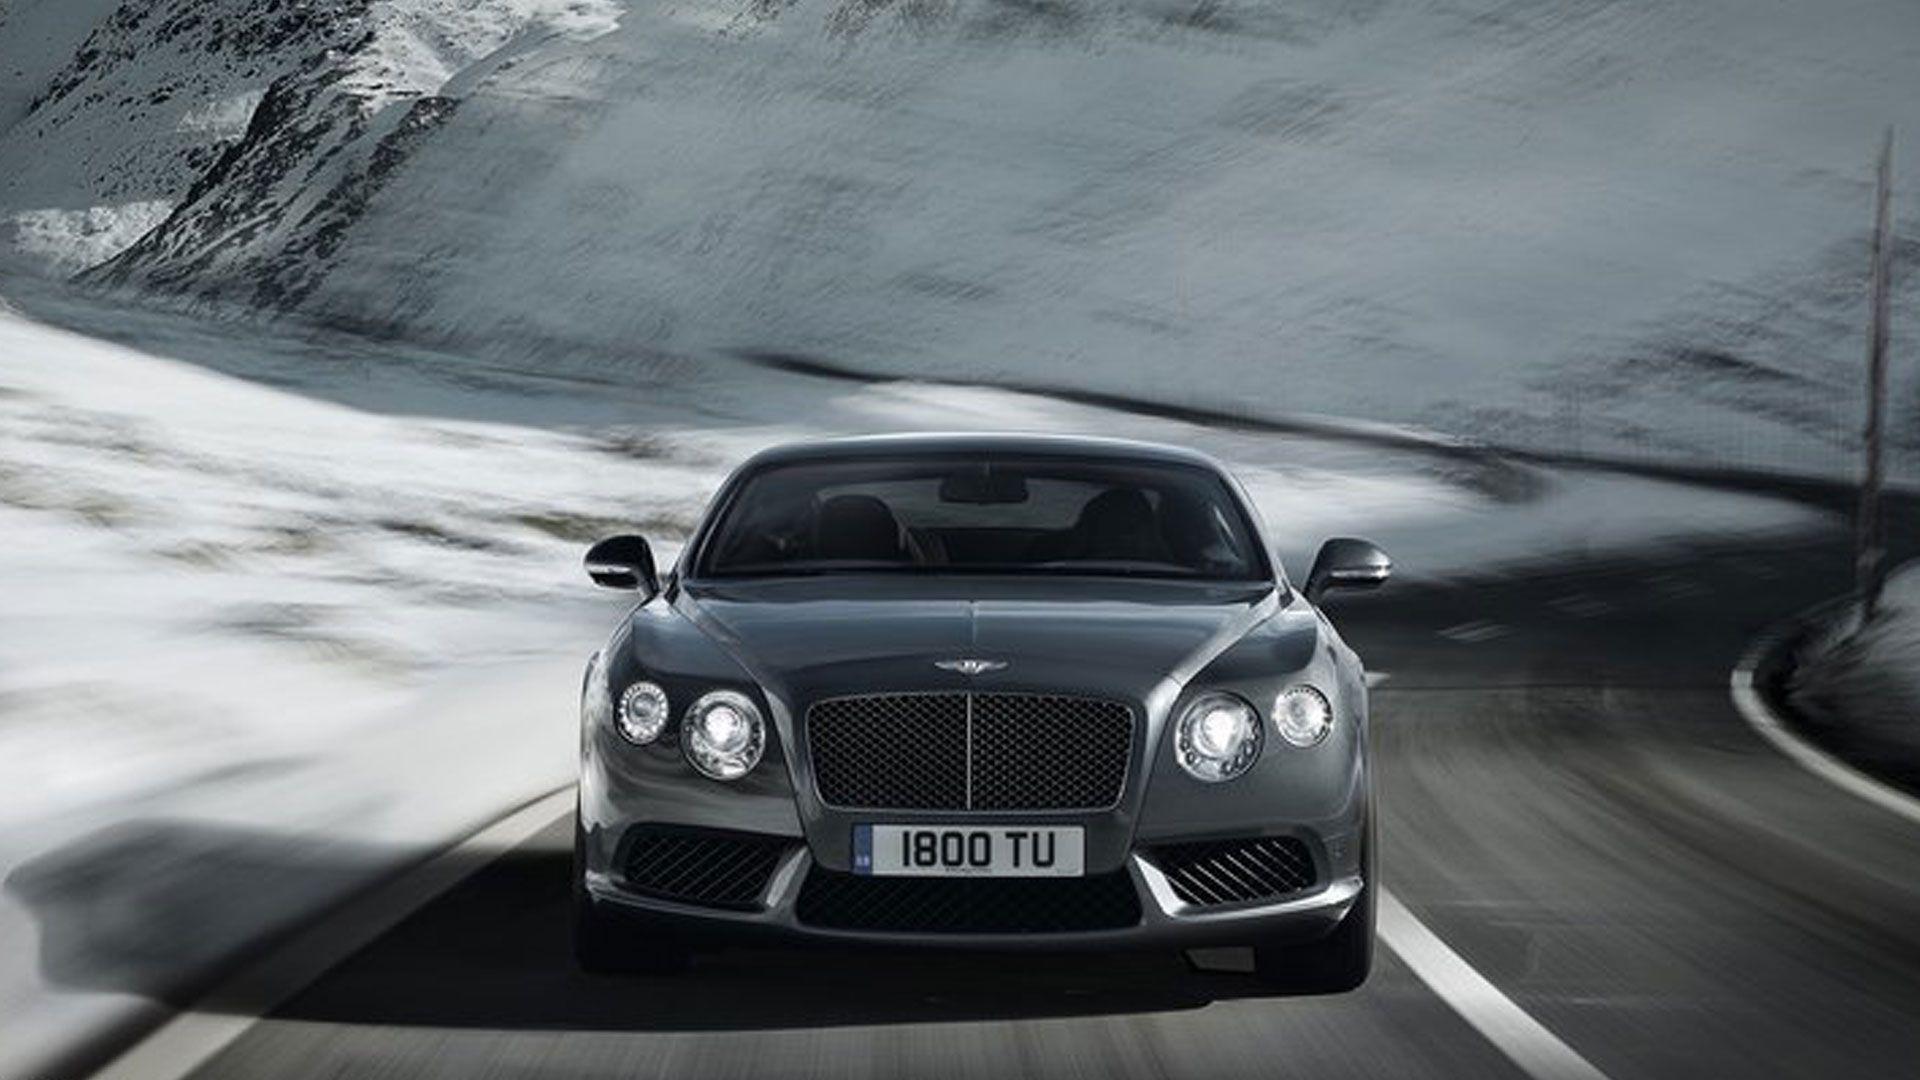 Bentley wallpaper